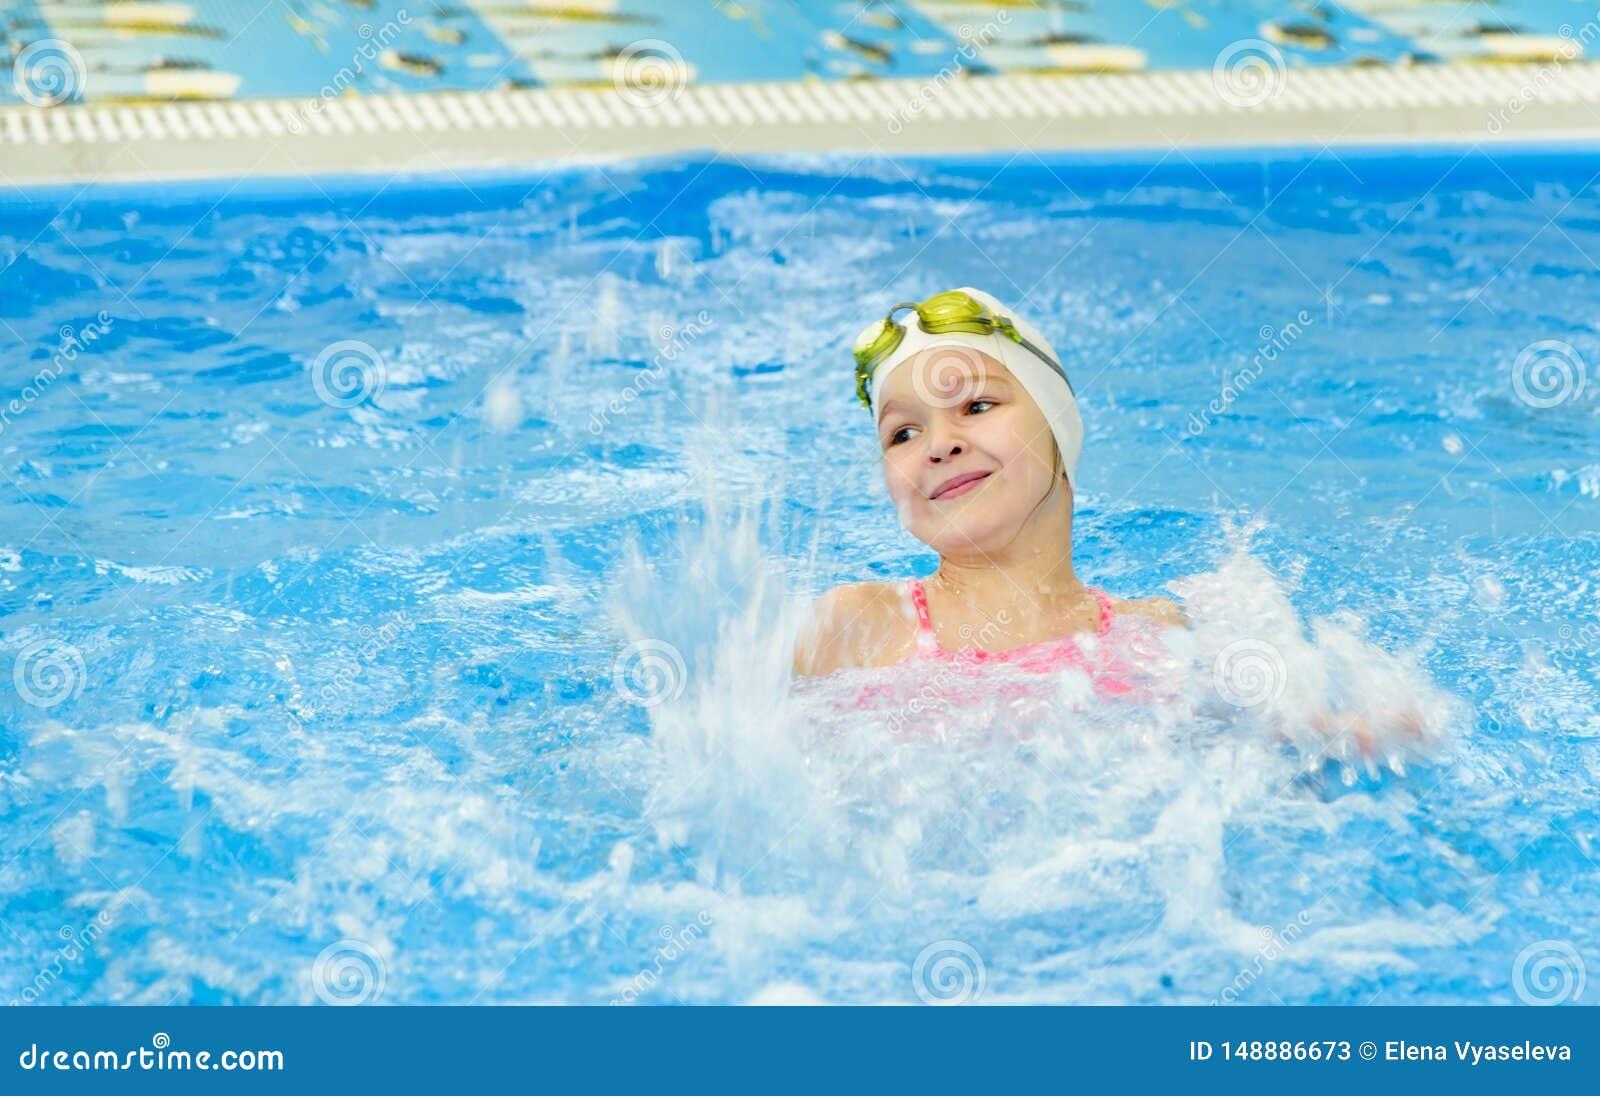 Gelukkig meisje die in de pool zwemmen Het Kaukasische kind speelt pret in de kleuterschoolpool